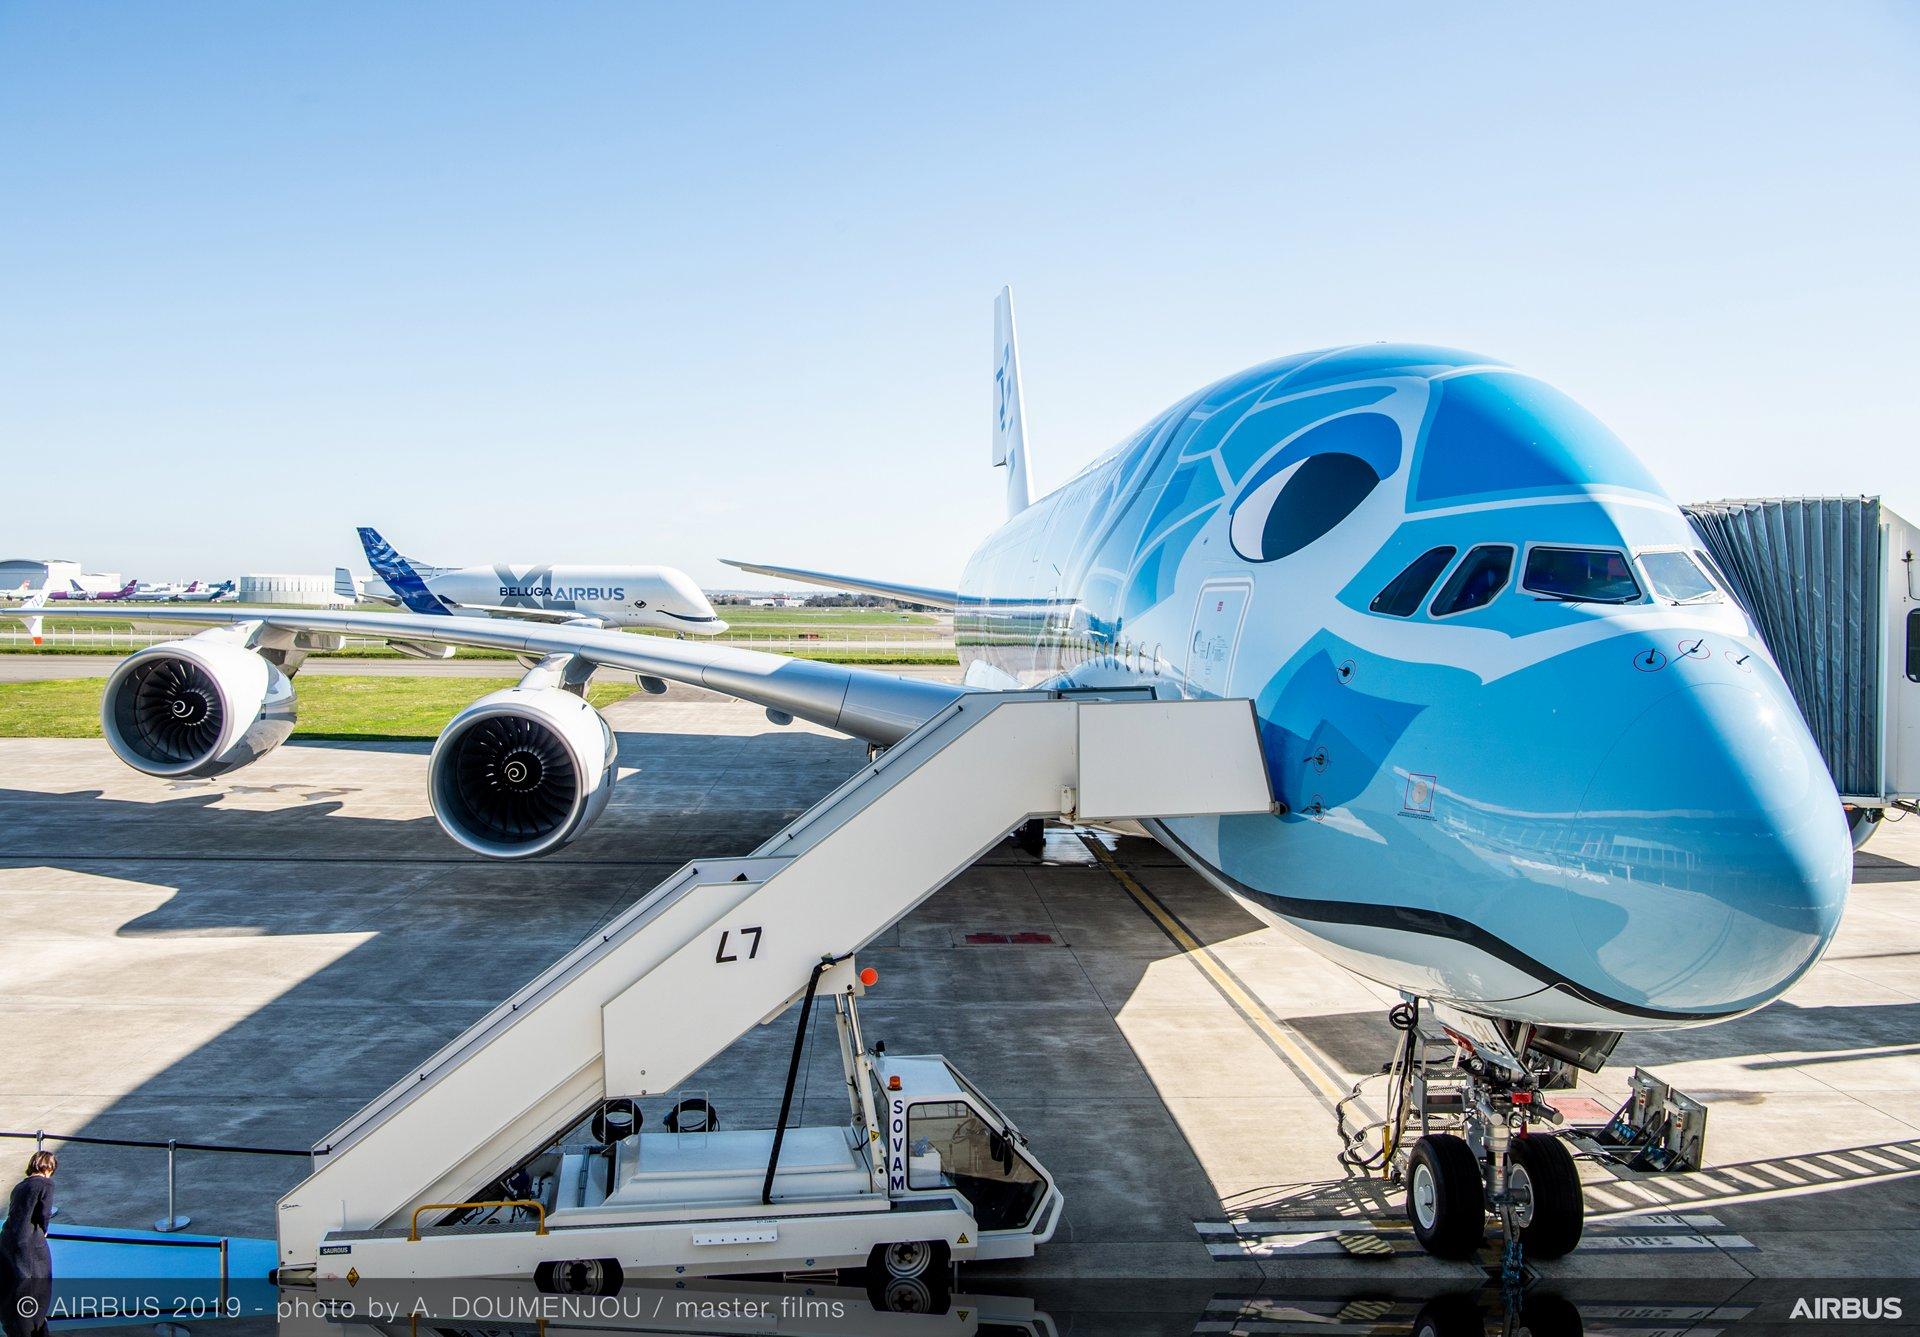 Den første Airbus A380 til All Nippon Air Airways i Toulouse, hvor Airbus har sin største samlefabrik. I baggrunden er en af Airbus' såkaldte Beluga-fragtfly til at transportere store flydele mellem sine samlefabrikker. Flyet er malet som en smilende hvidhval (Beluga på engelsk) Foto: Airbus.